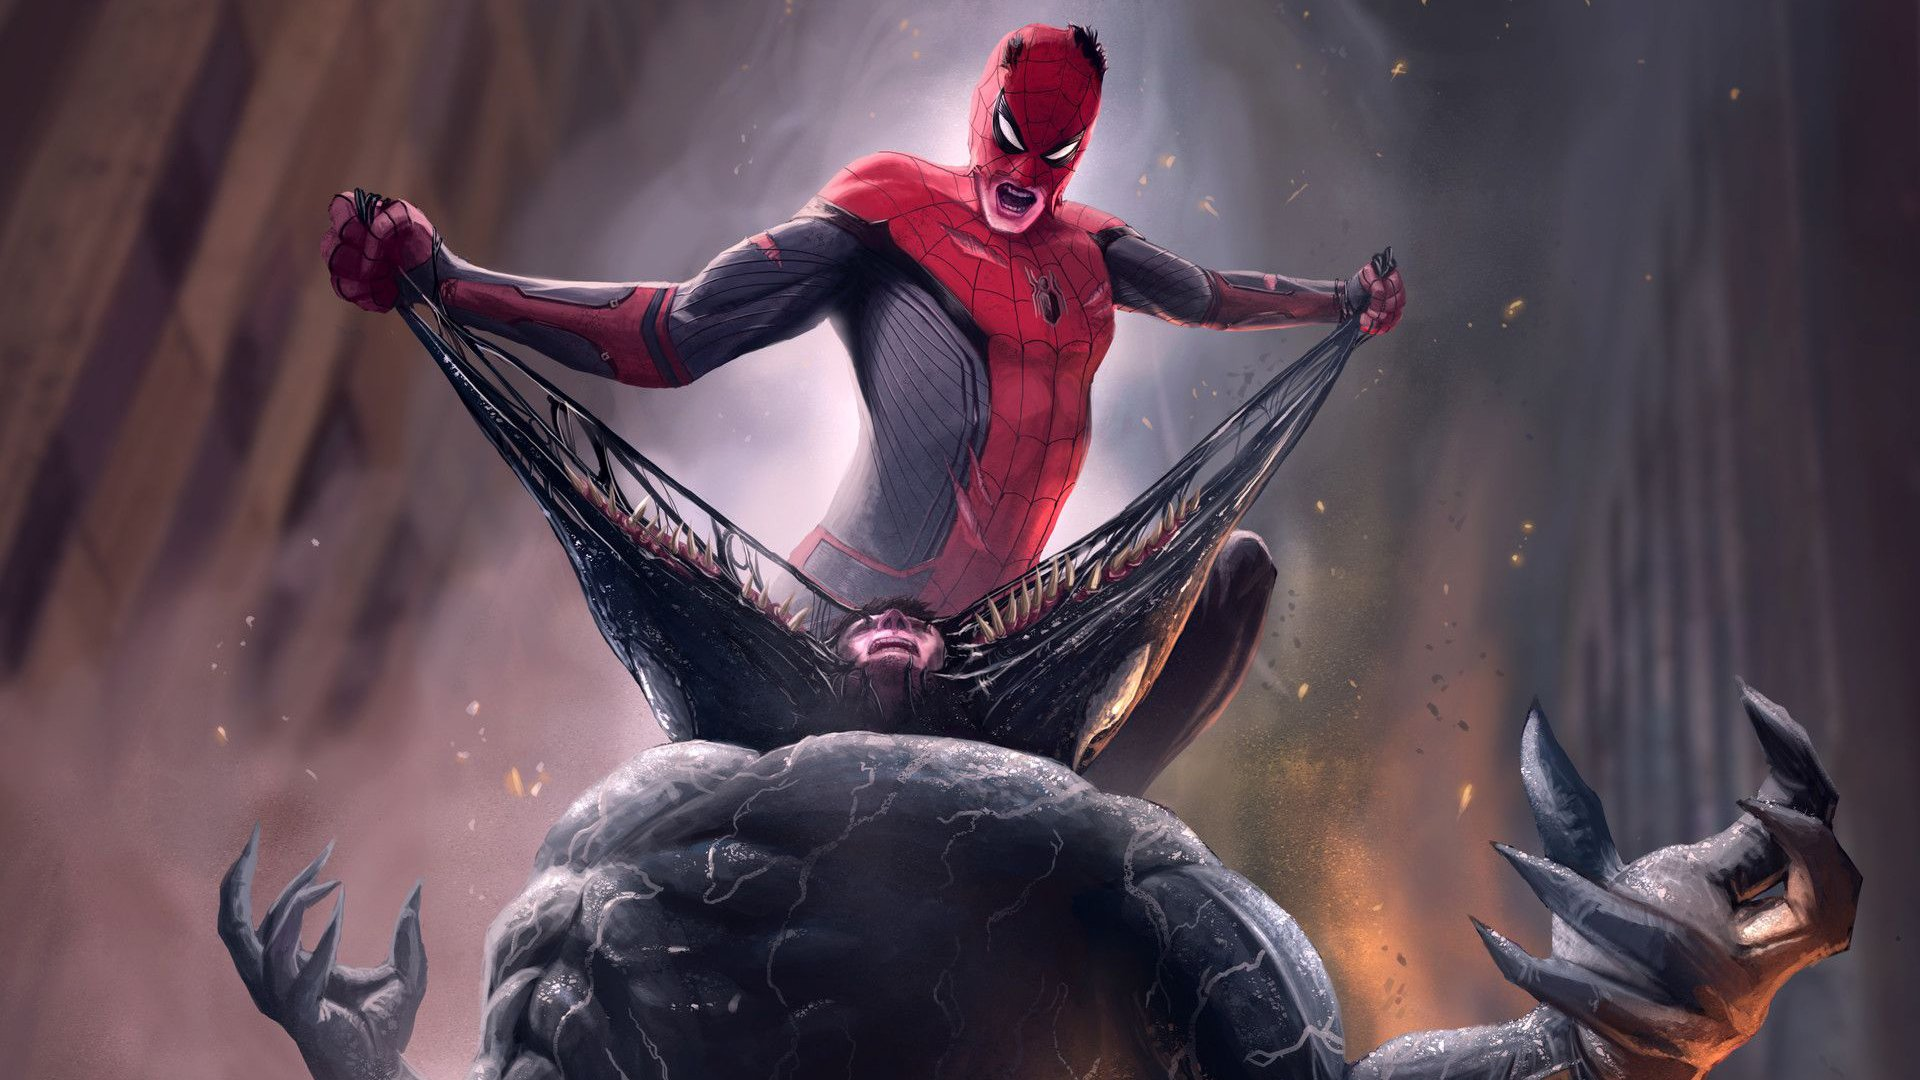 Spider-Man vs Venom 高清壁纸 | 桌面背景 | 1920x1080 | ID:970047 ...